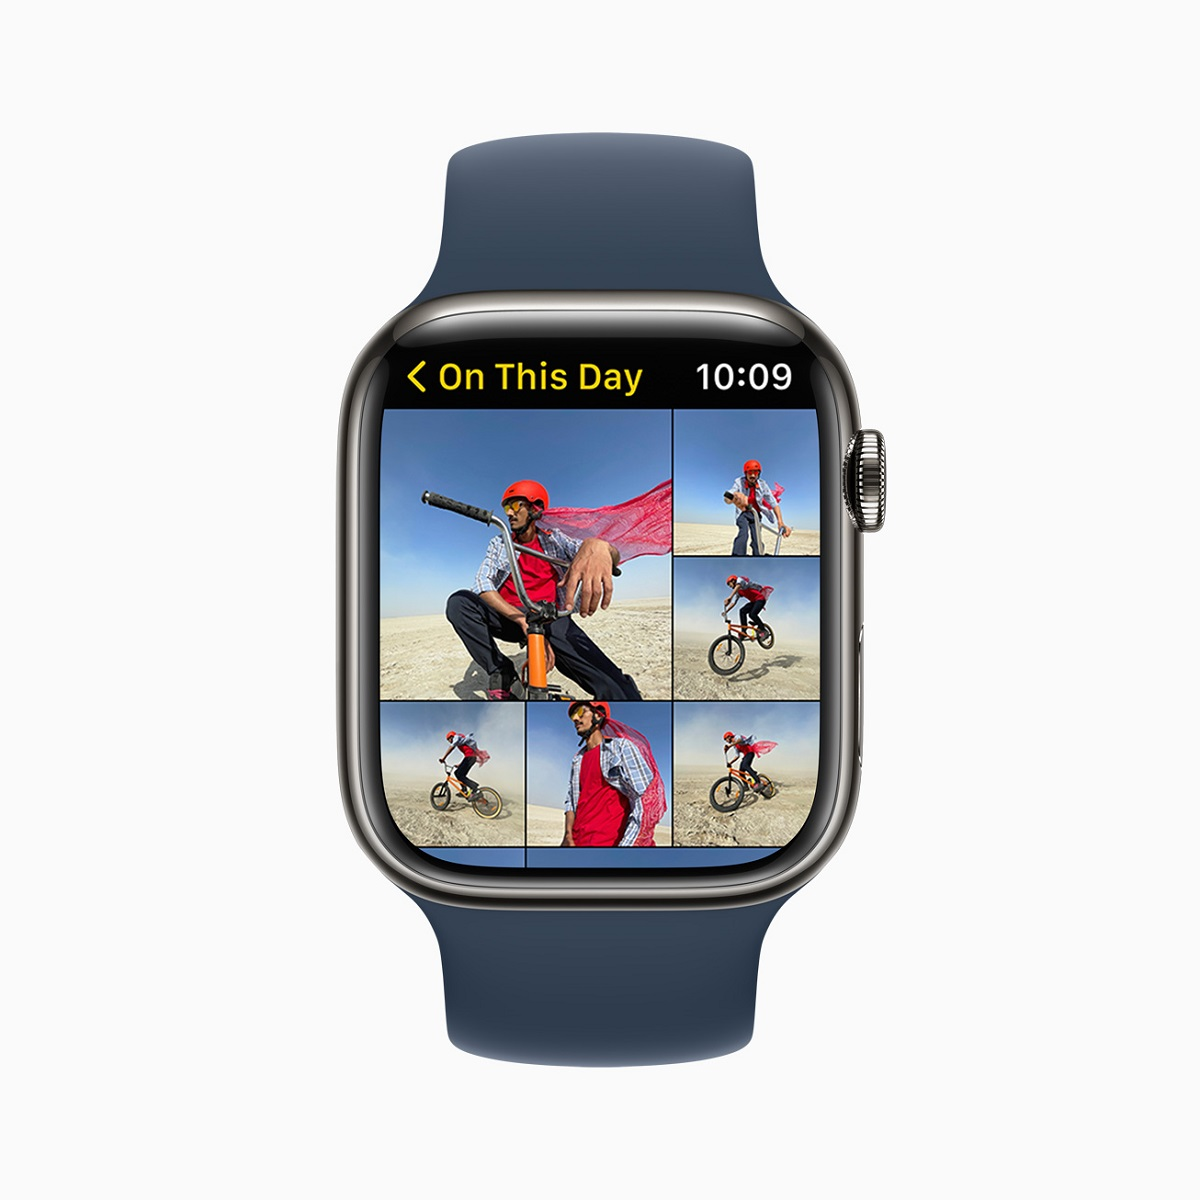 Приложение Photos переработано в watchOS 8 и предлагает новые способы просмотра коллекций и навигации по ним.